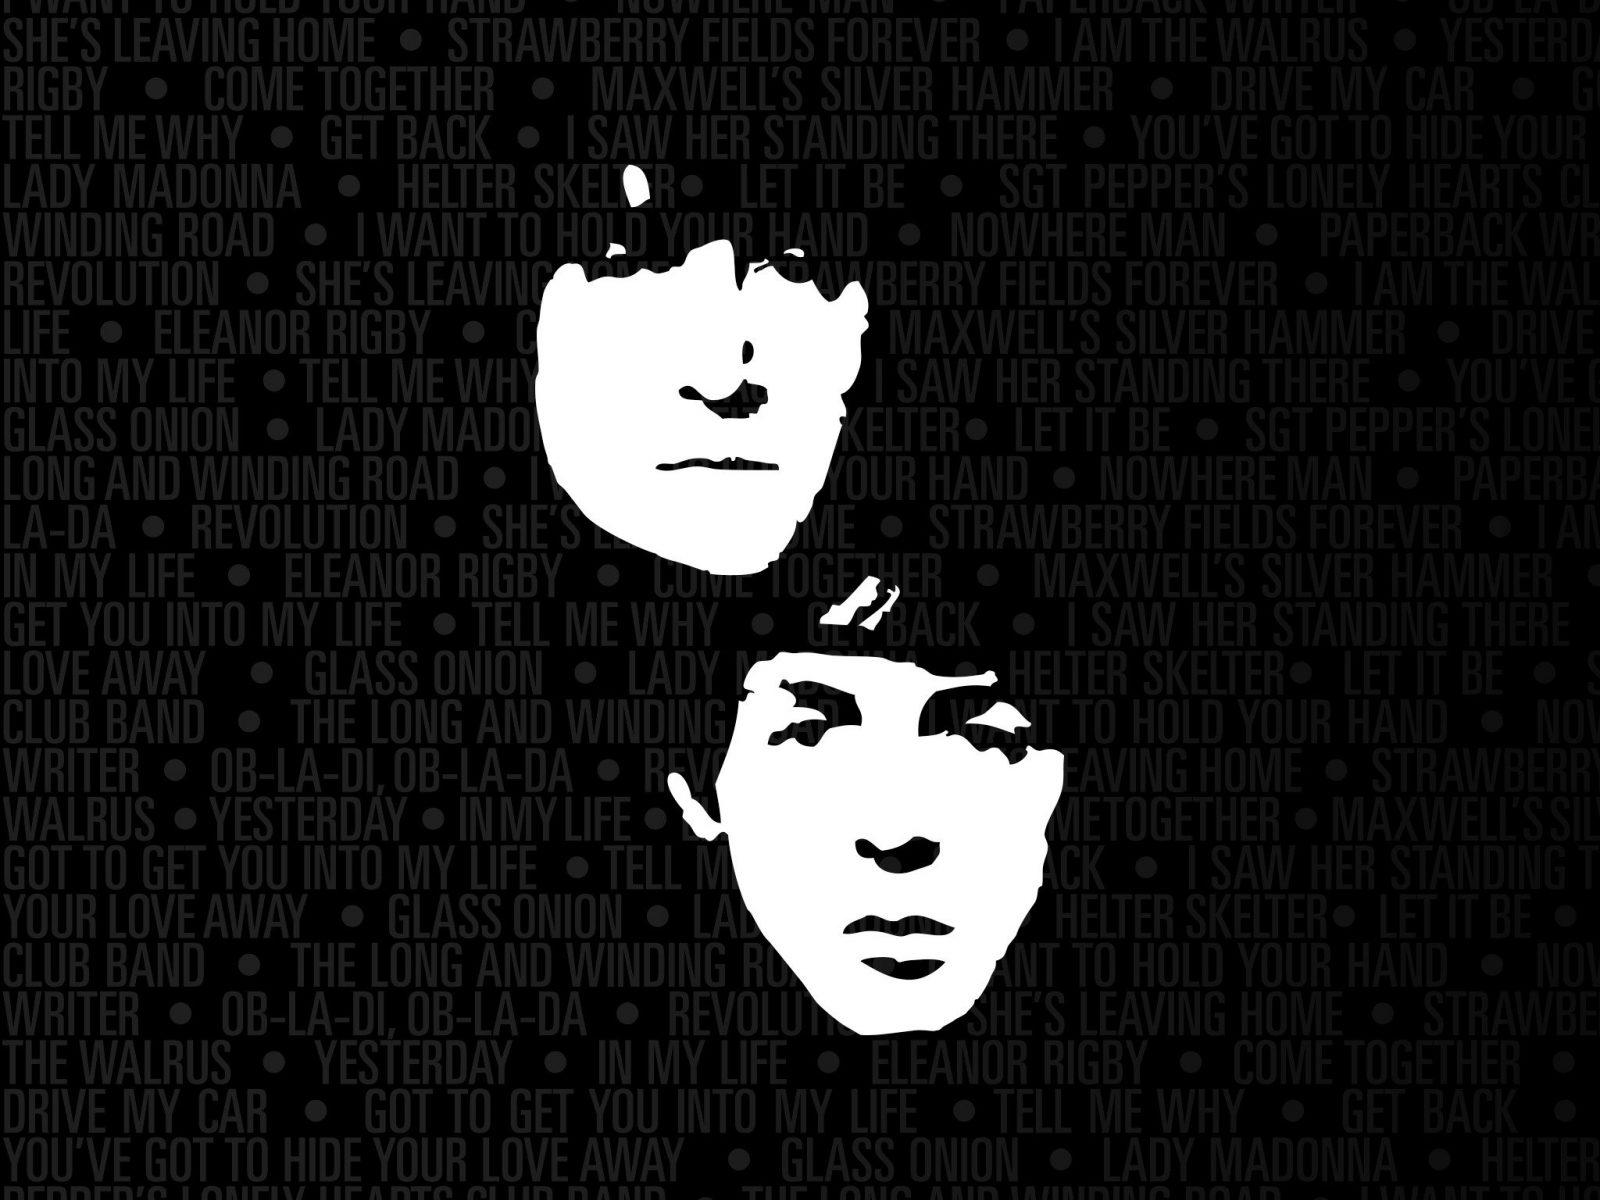 The Beatles Songs of Lennon & McCartney